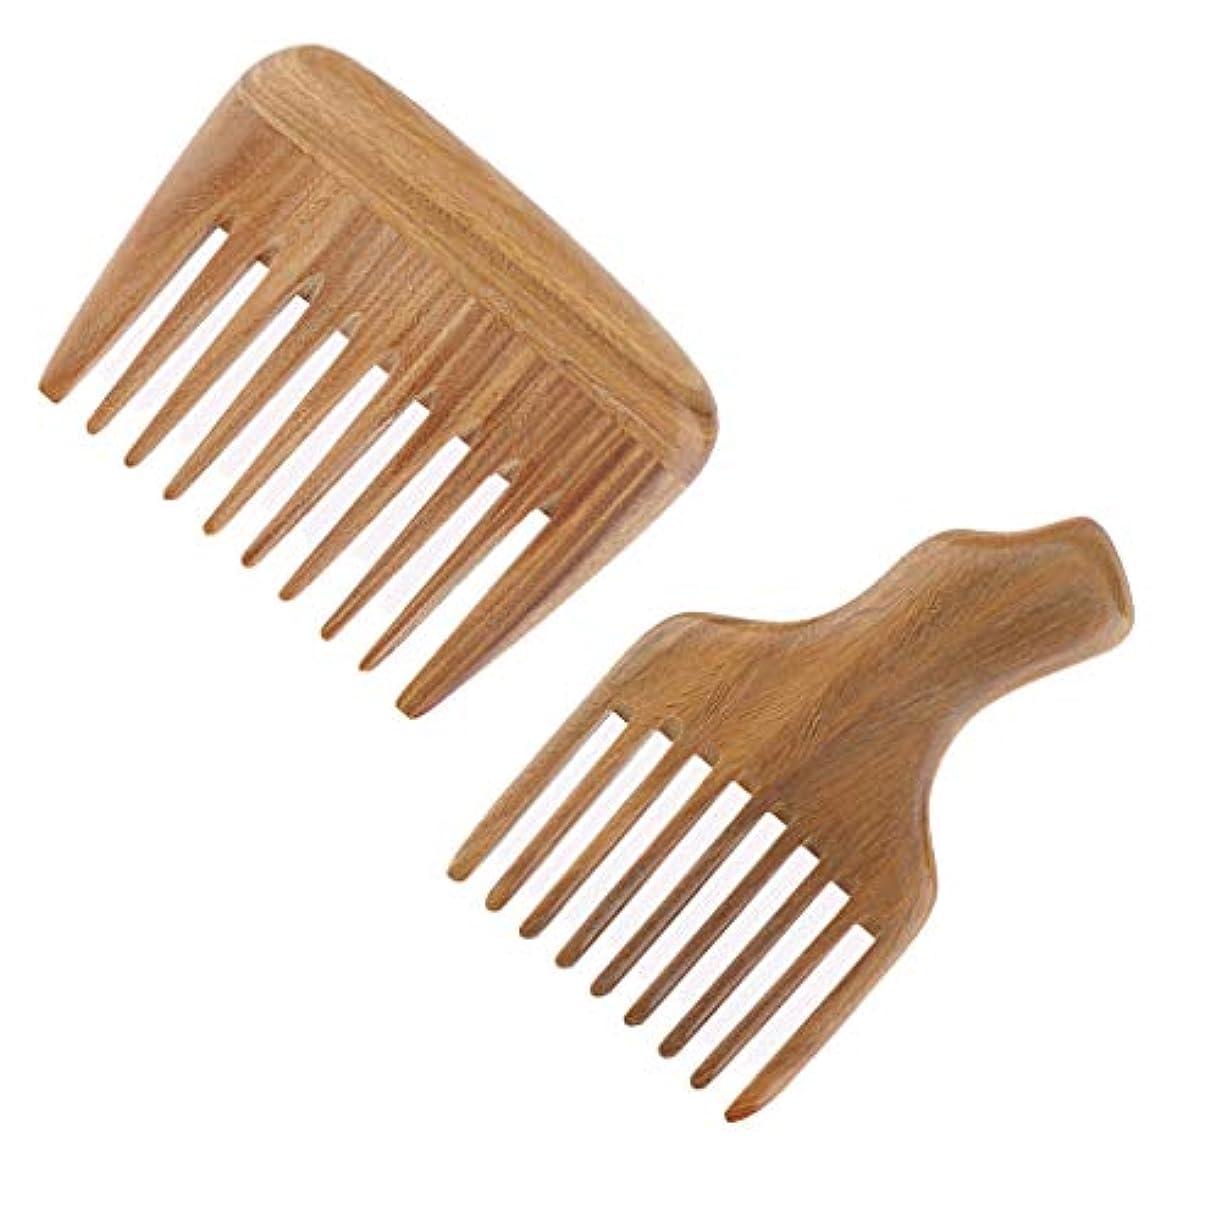 吸収剤でも求人2個 木製櫛 ヘアコーム ヘアブラシ 帯電防止 くし 櫛 高品質